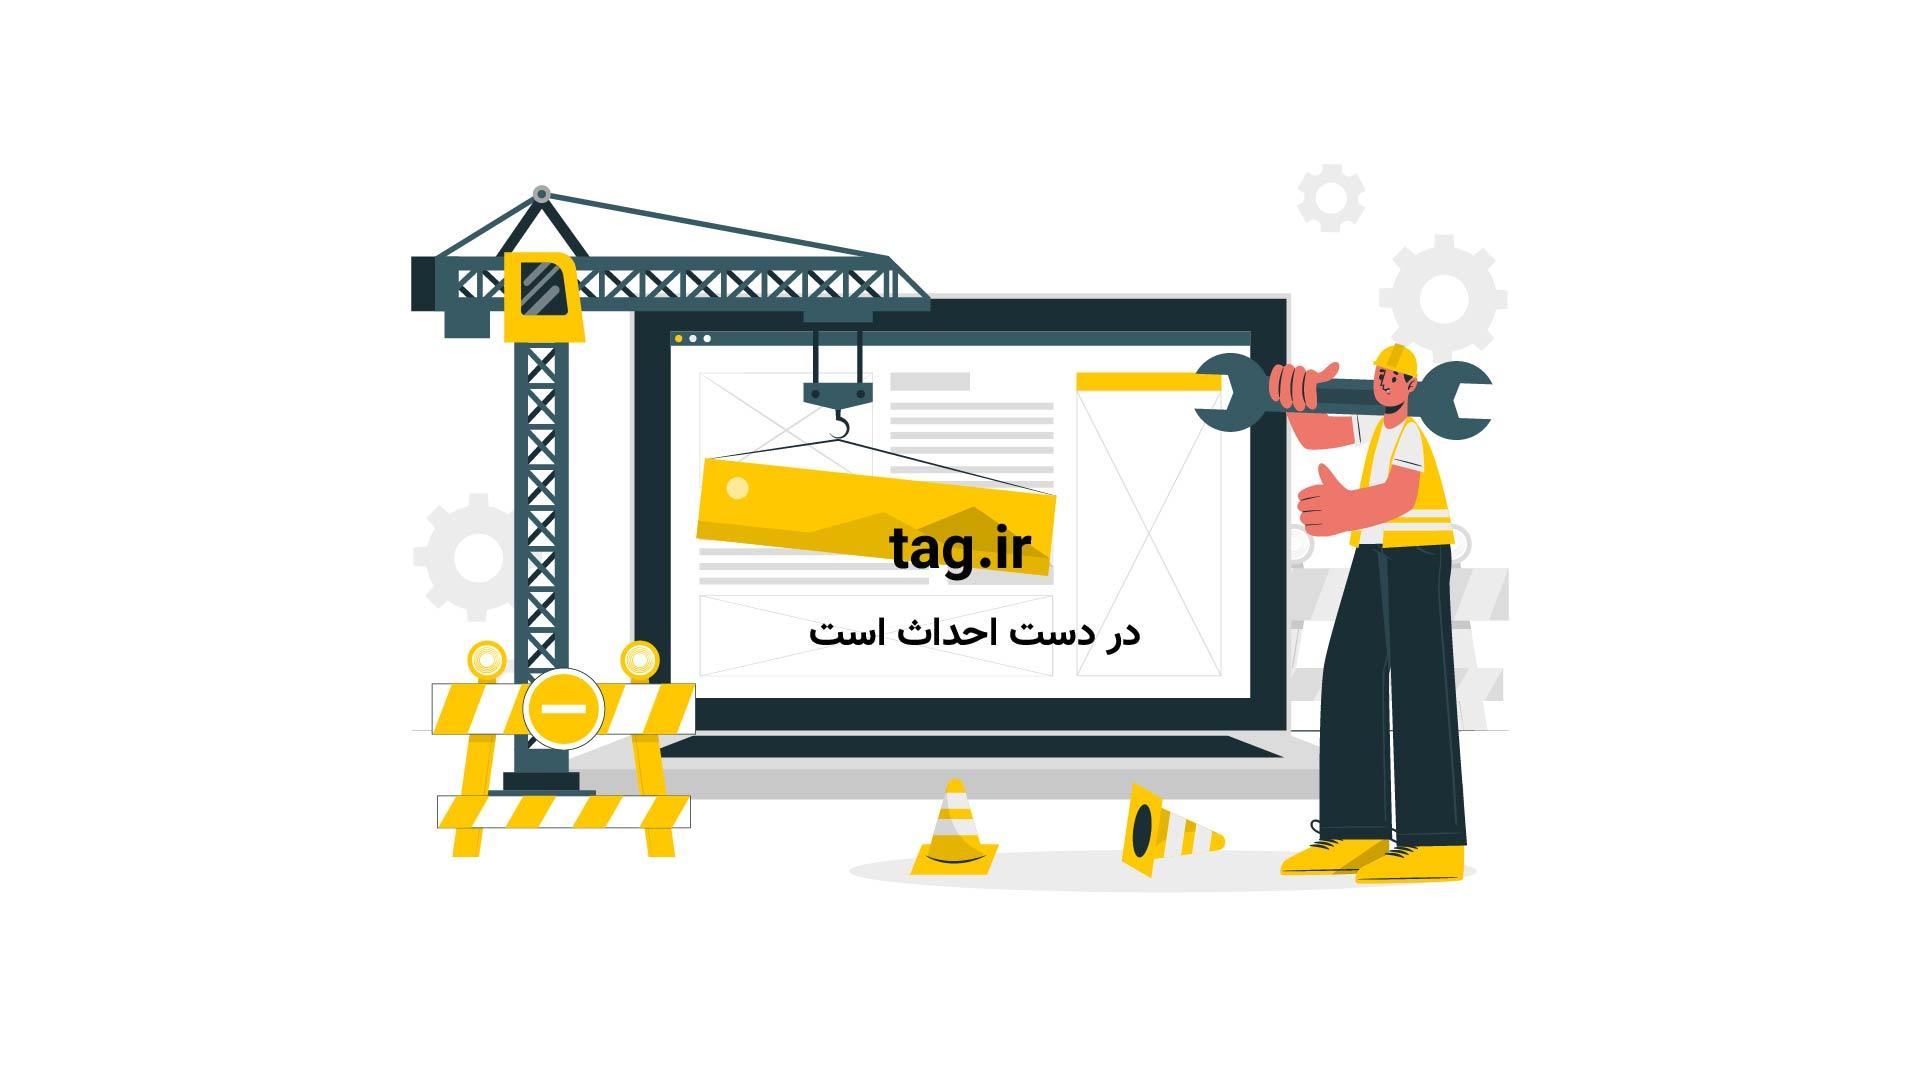 آتش سوزی در خیابان امیرکبیر تهران | فیلم